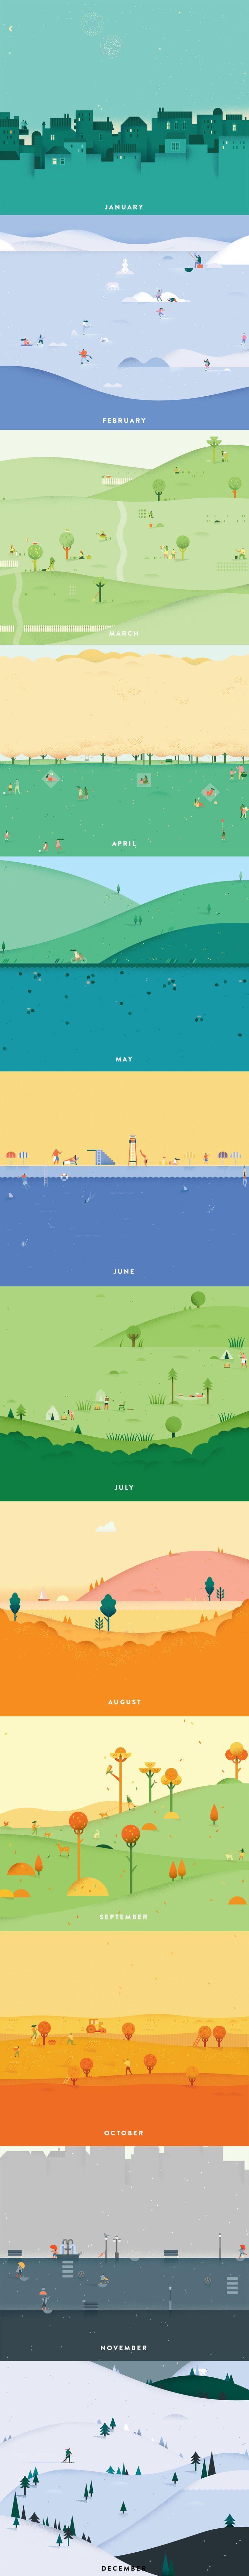 Google Calendar Header Illustrations by Lotta Nieminen